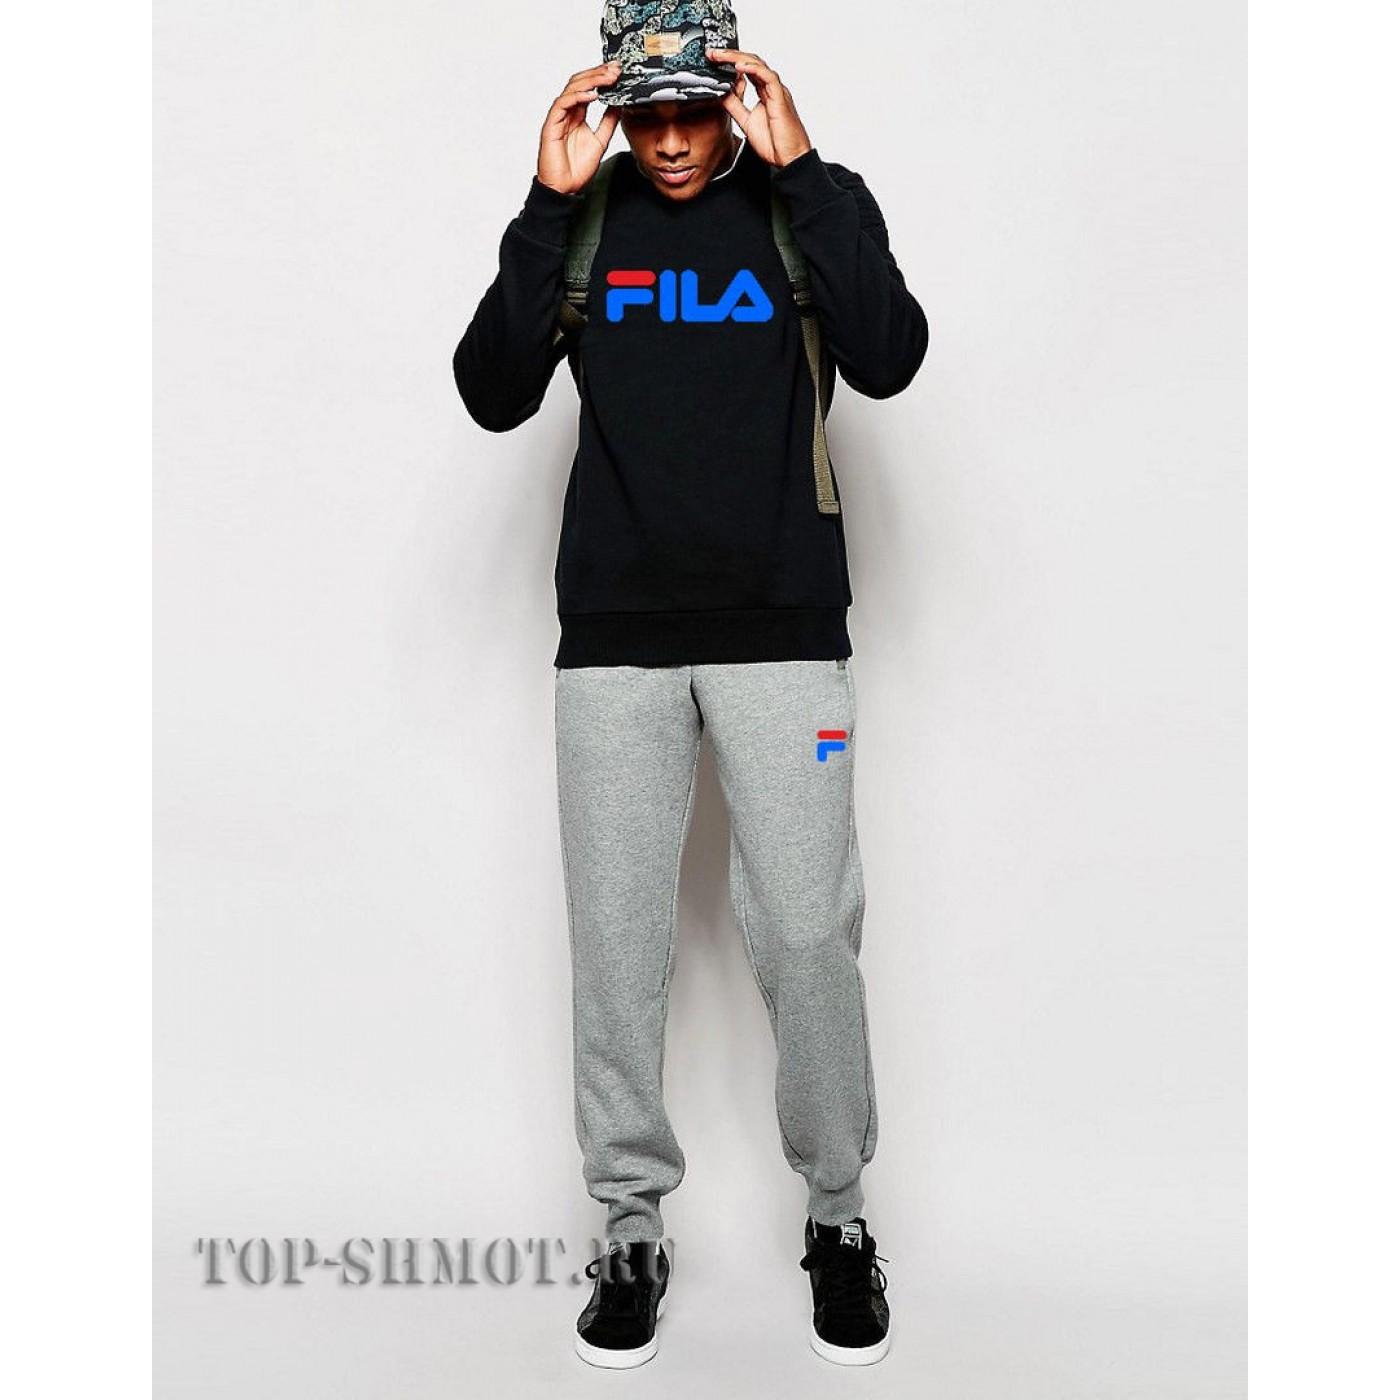 bd09cff5 Купить Спортивный костюм FILA ( BLACK ) Синиее лого